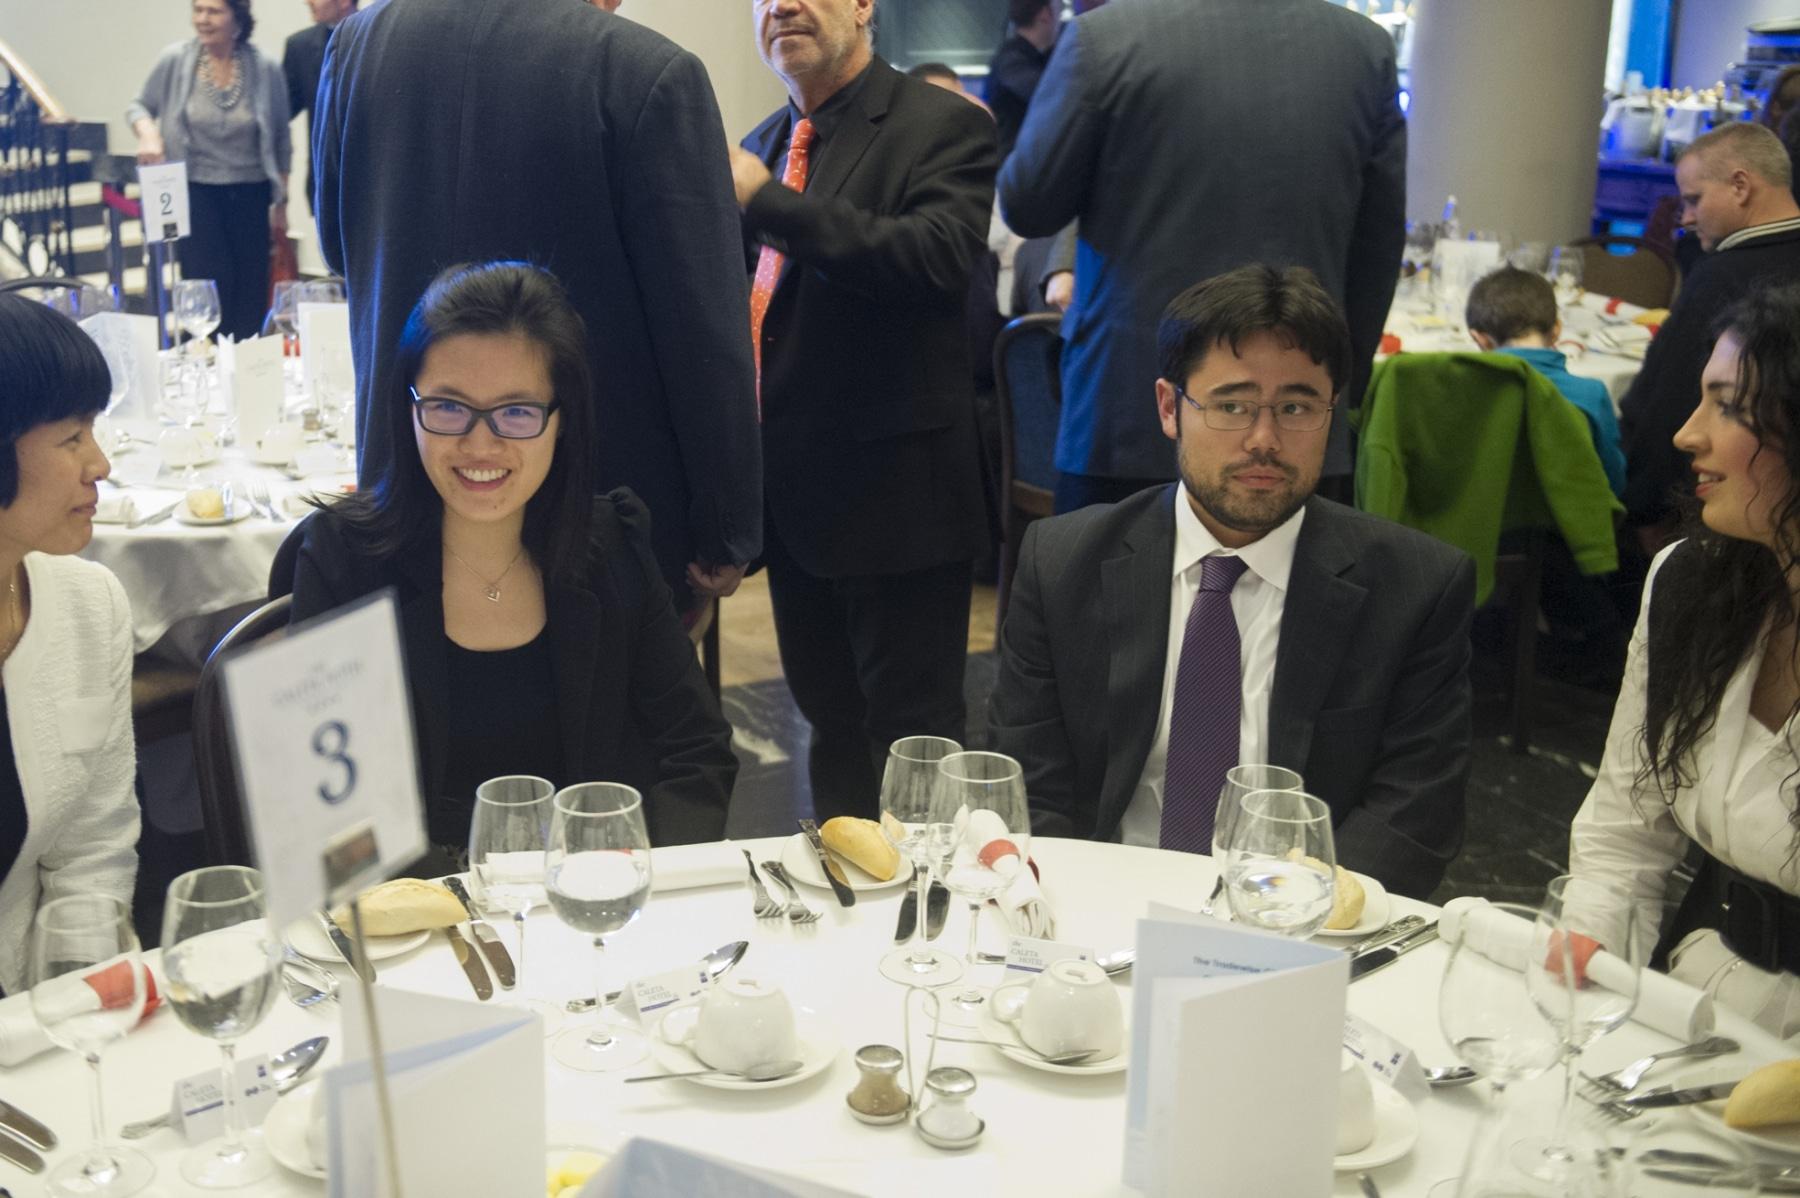 5-febrero-2015-entrega-premios-festival-internacional-de-ajedrez-tradewise-de-gibraltar-13_16266652797_o